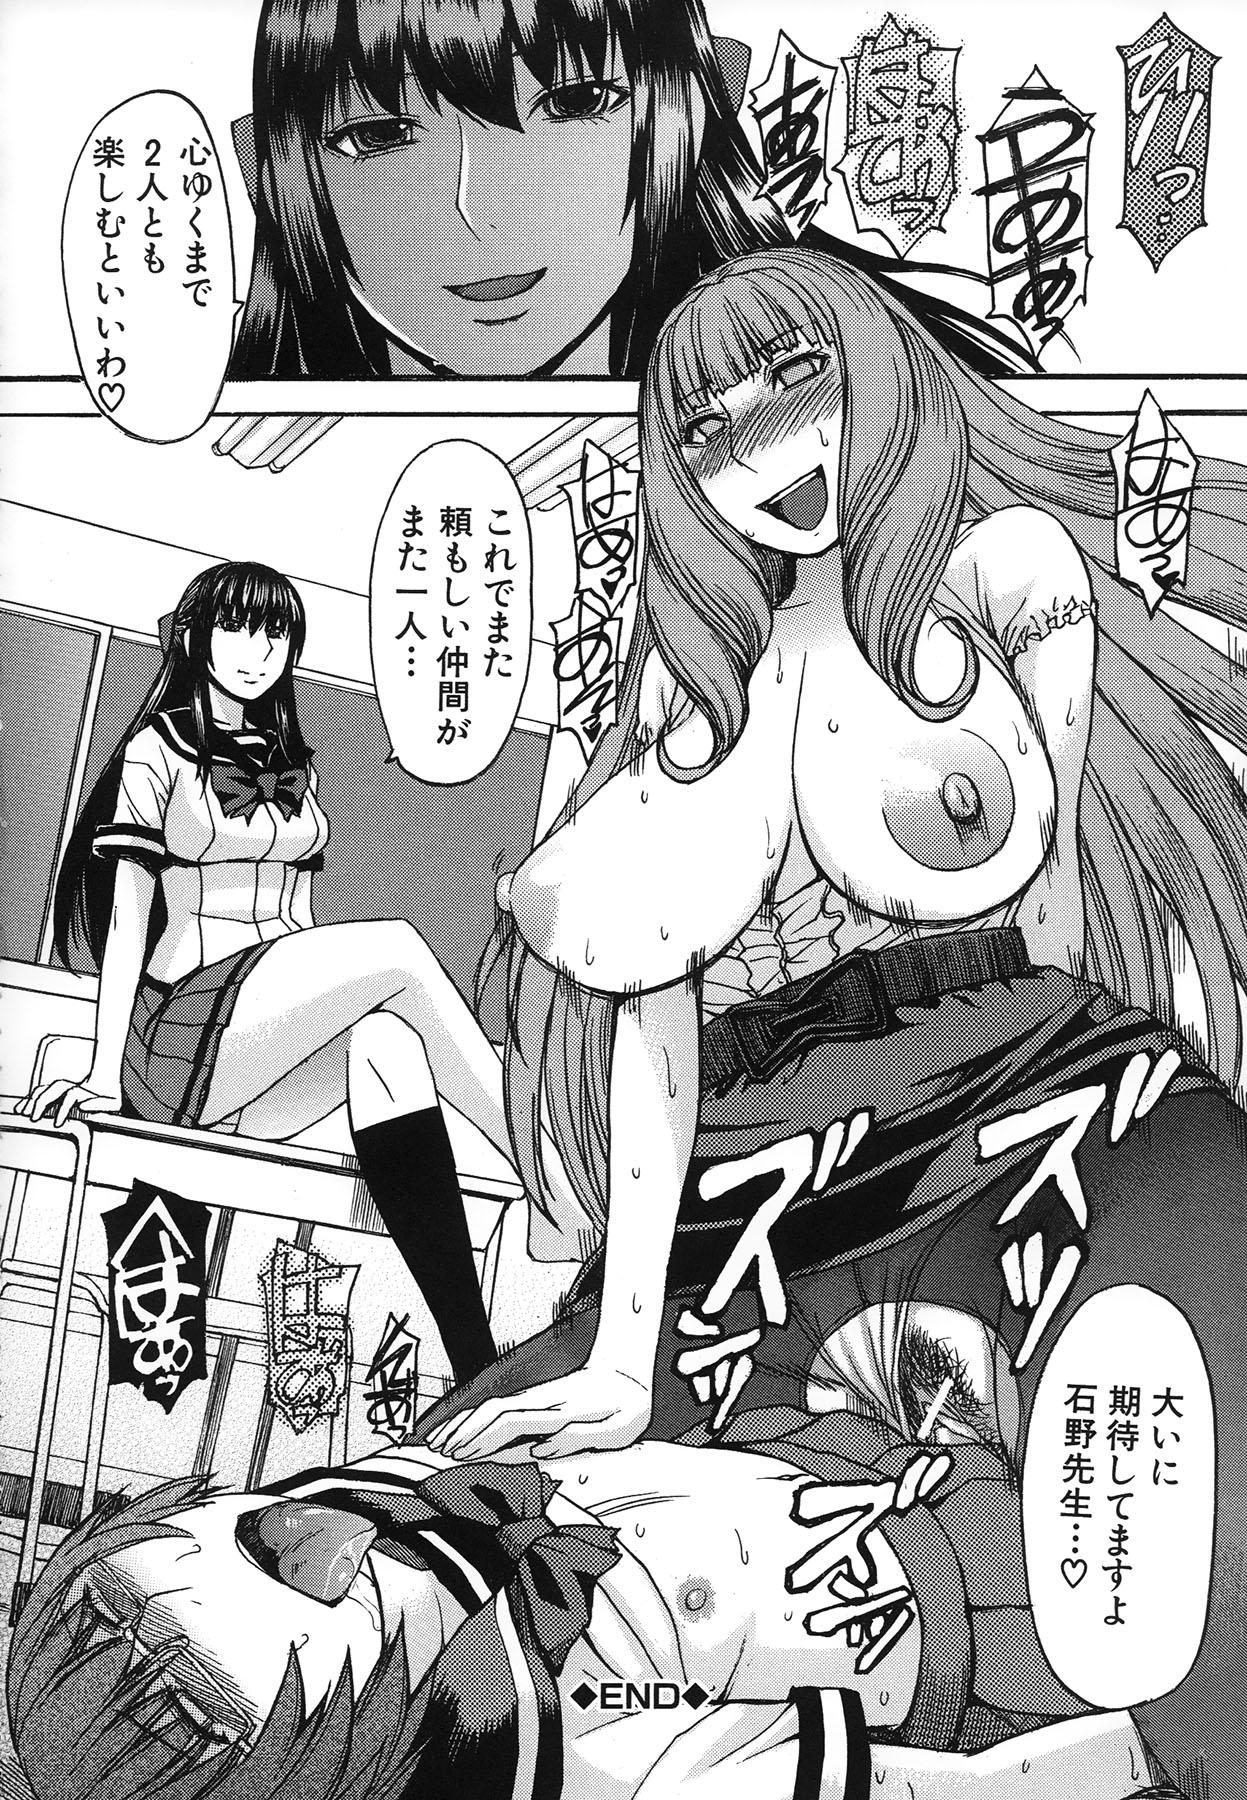 Ashigami 81